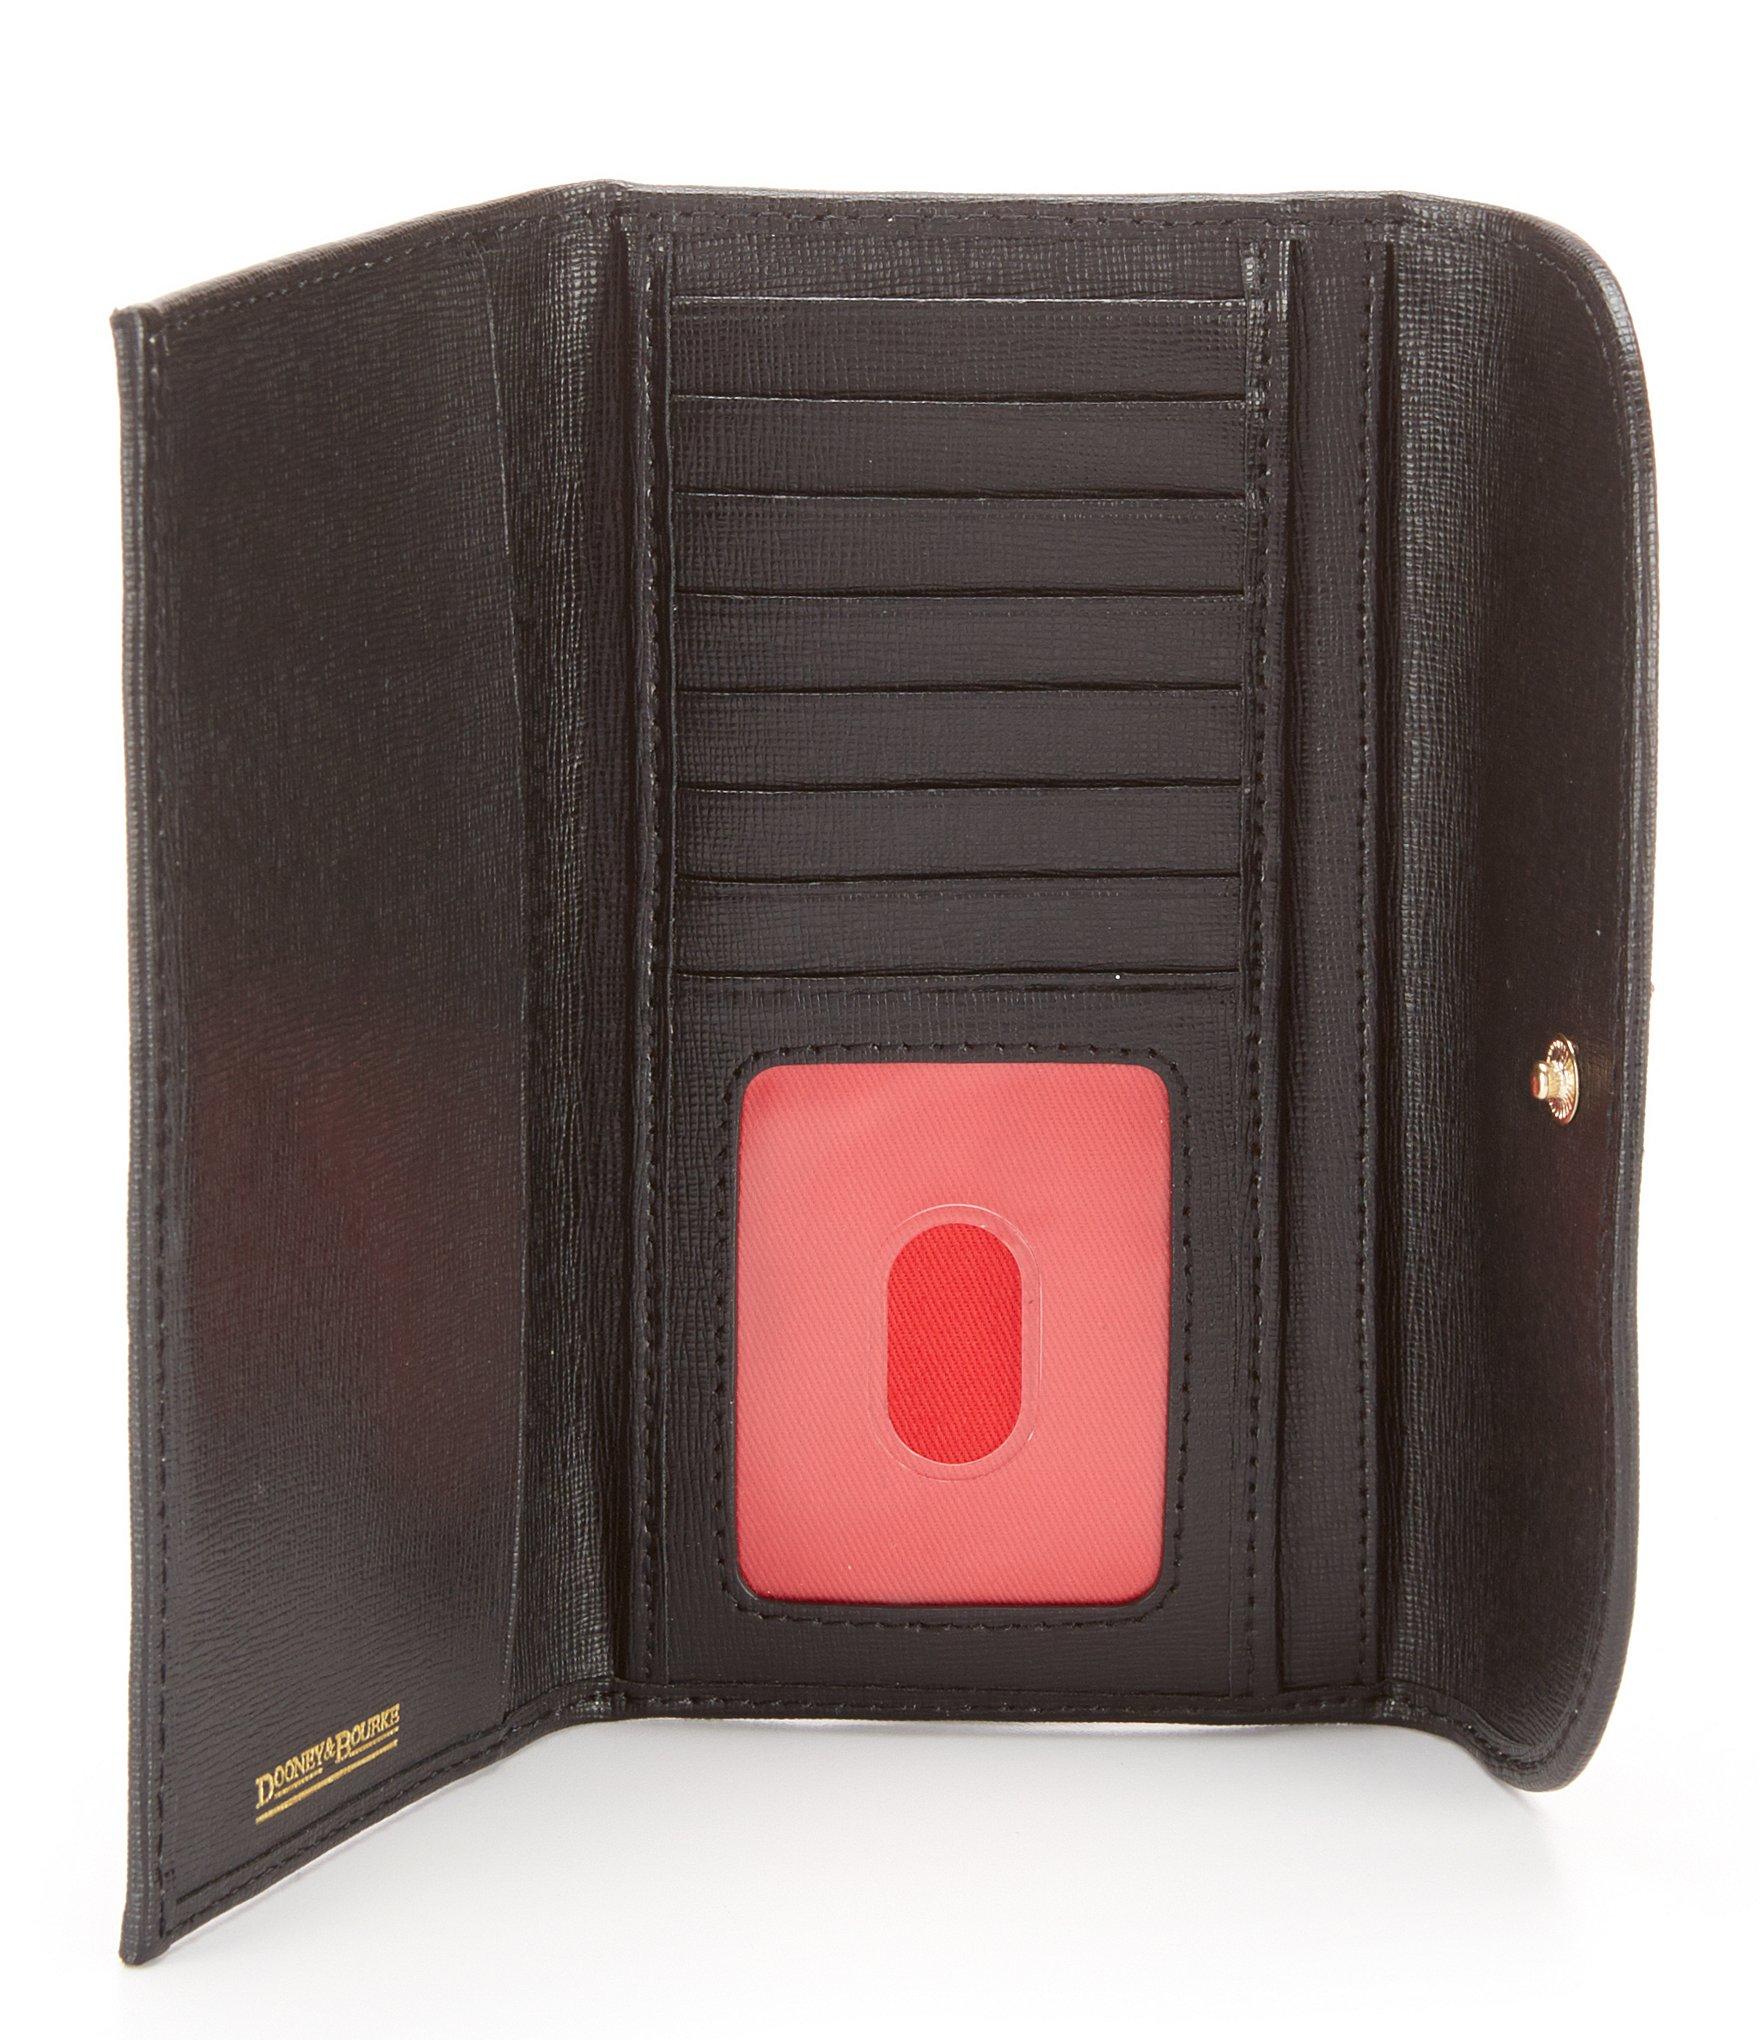 Transferencias e-wallet White63506